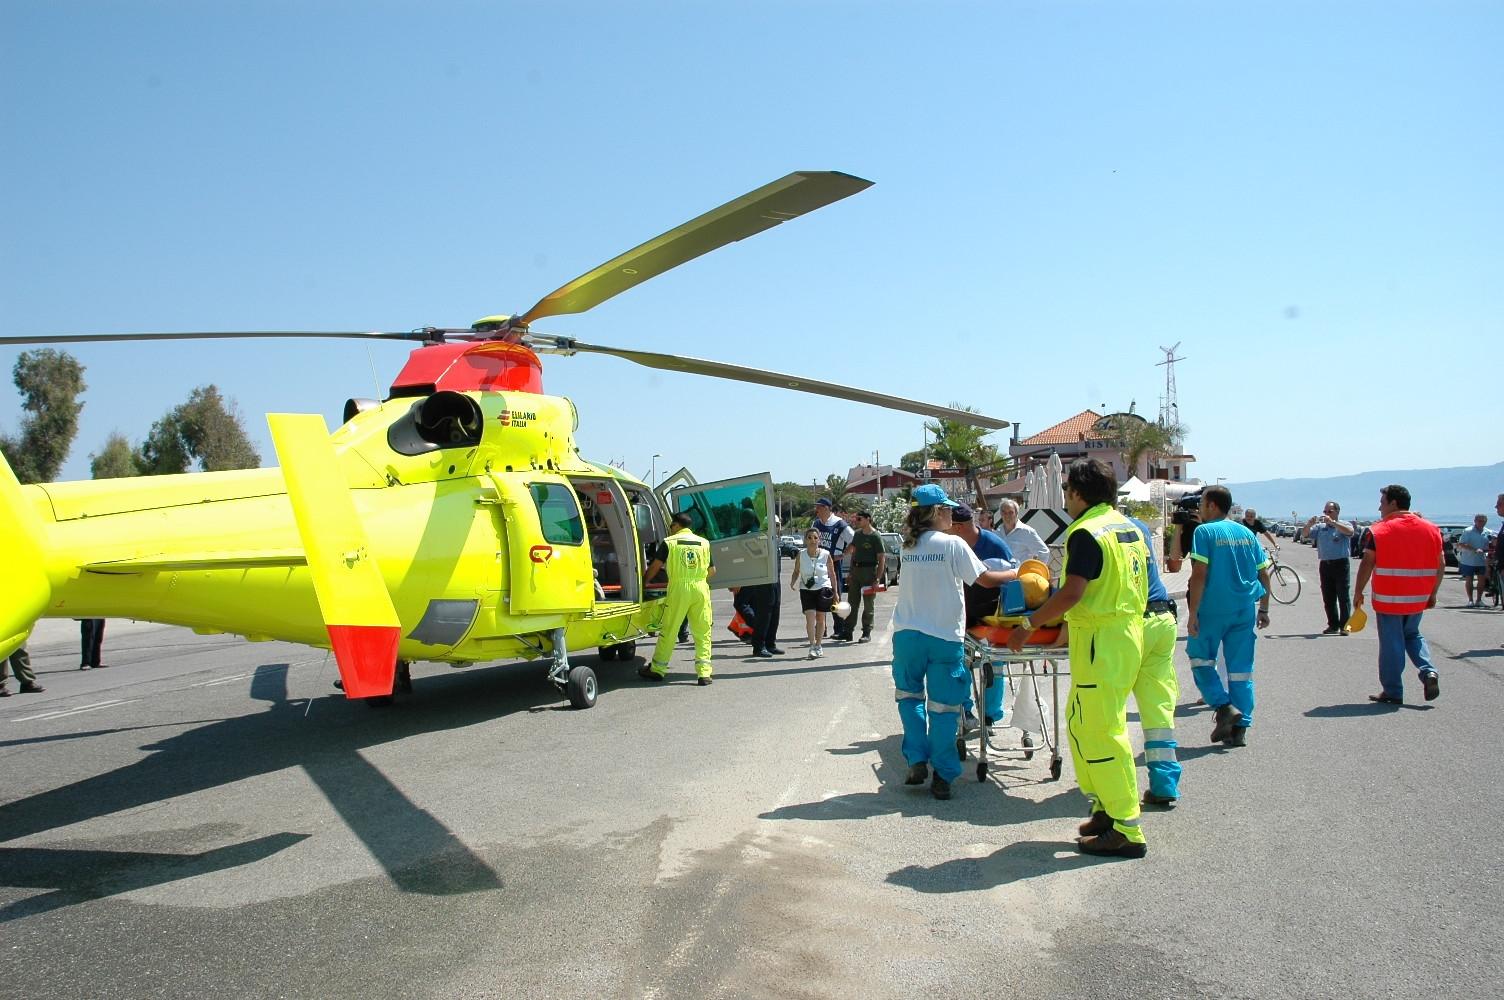 Elicottero Elisoccorso : Elicottero guasto donna muore dopo parto degli